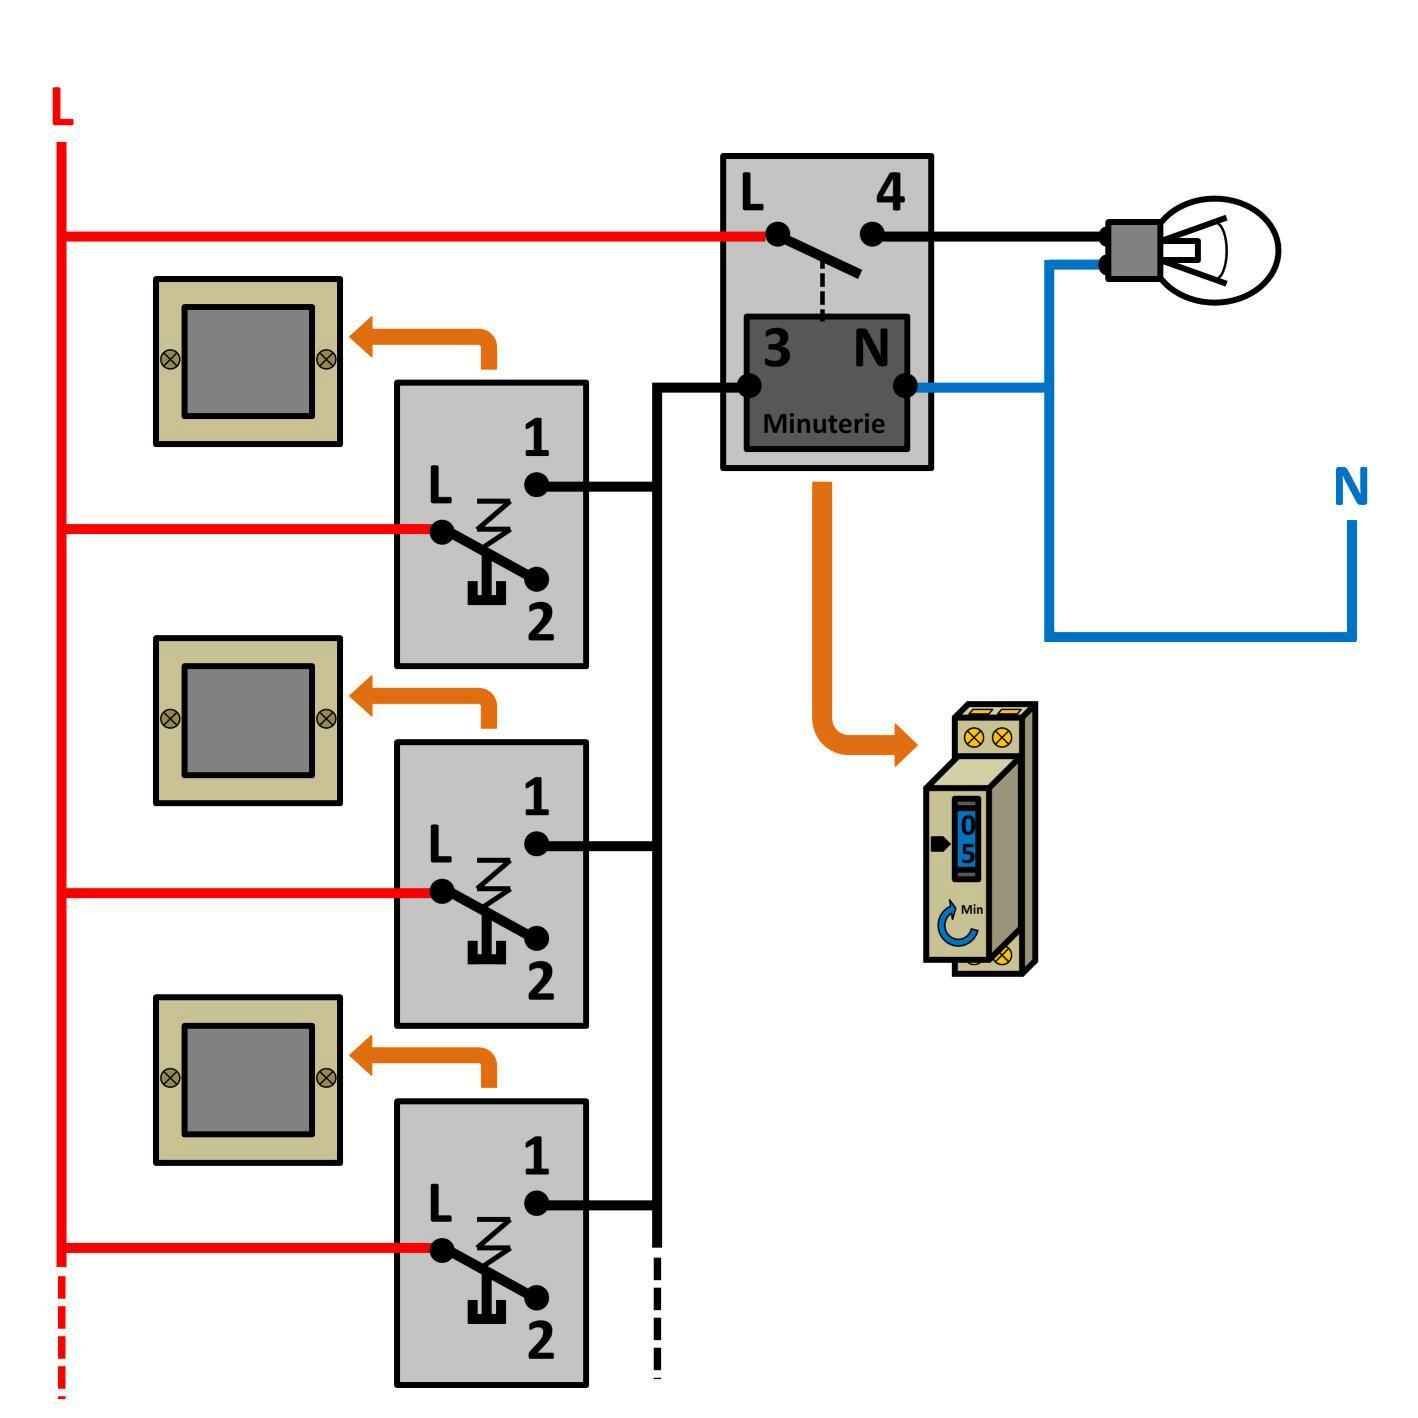 autoconstruction-autoconstructeur-minuterie